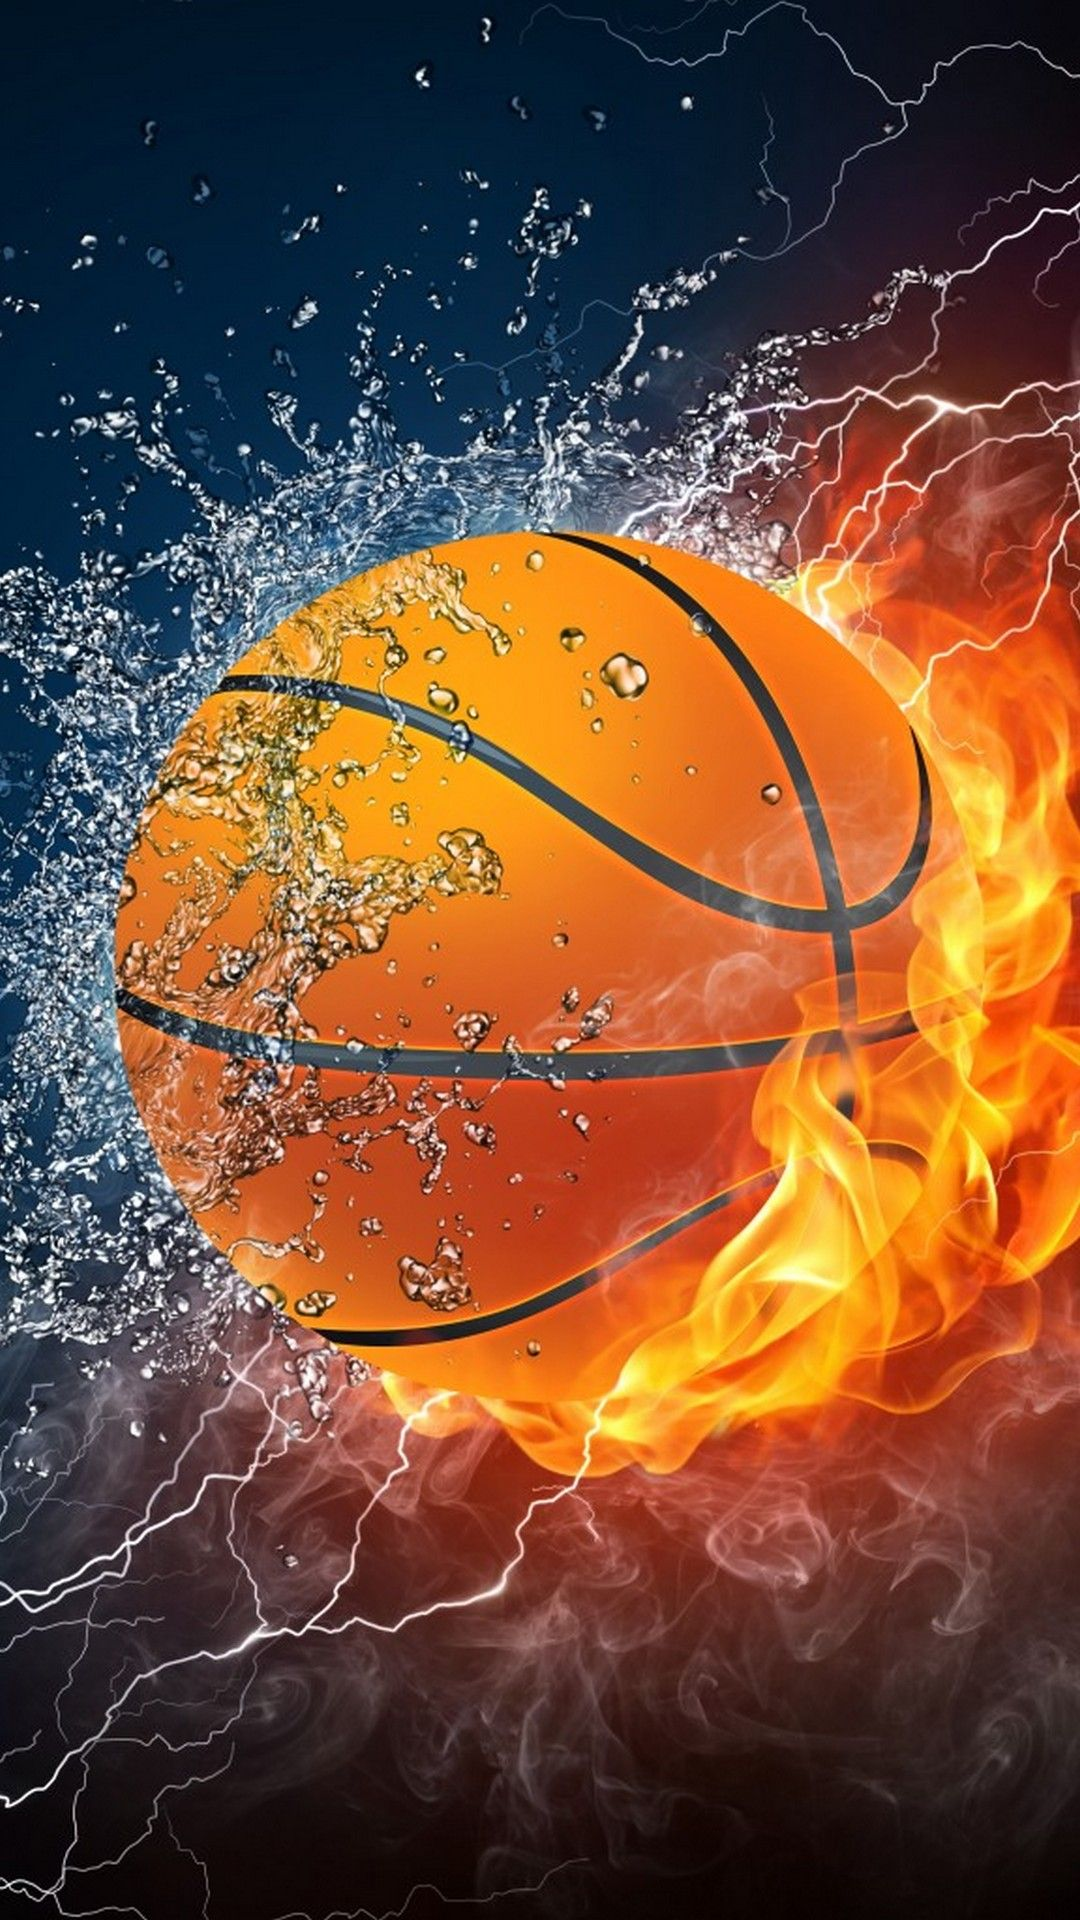 Basketball Wallpaper Best Basketball Wallpapers 2020 1080x1920